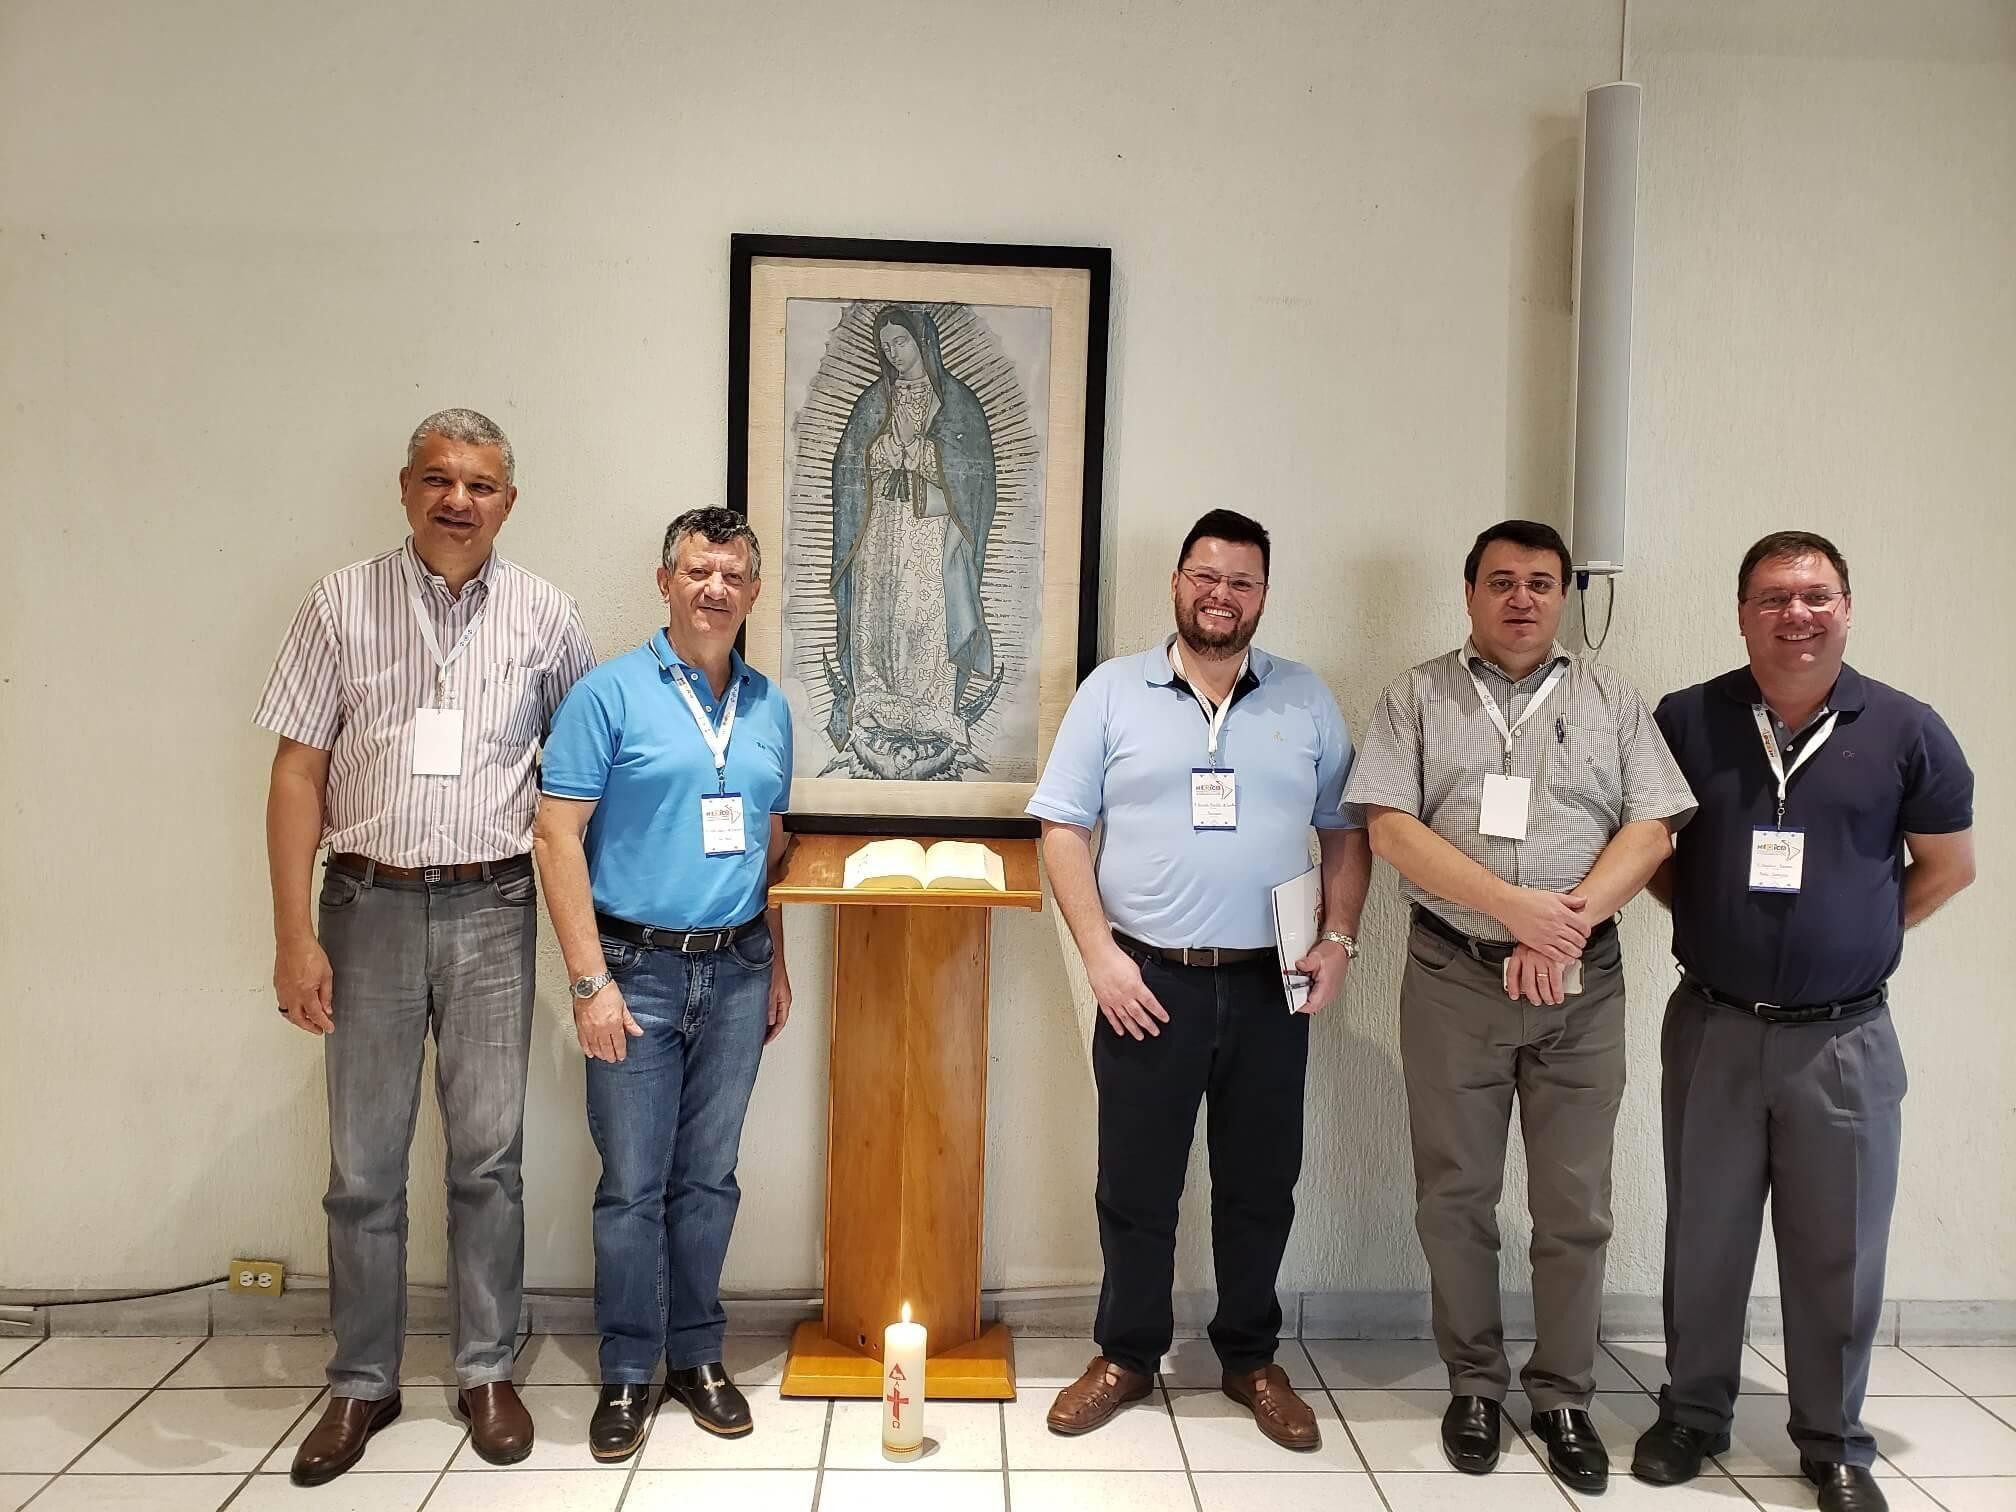 Membros da Província de São Paulo: Pe. Marcelo Araújo, Pe. Inácio Medeiros, Pe. Ricardo de Carvalho, Pe. Marlos Aurélio e Pe. Rogério Gomes.